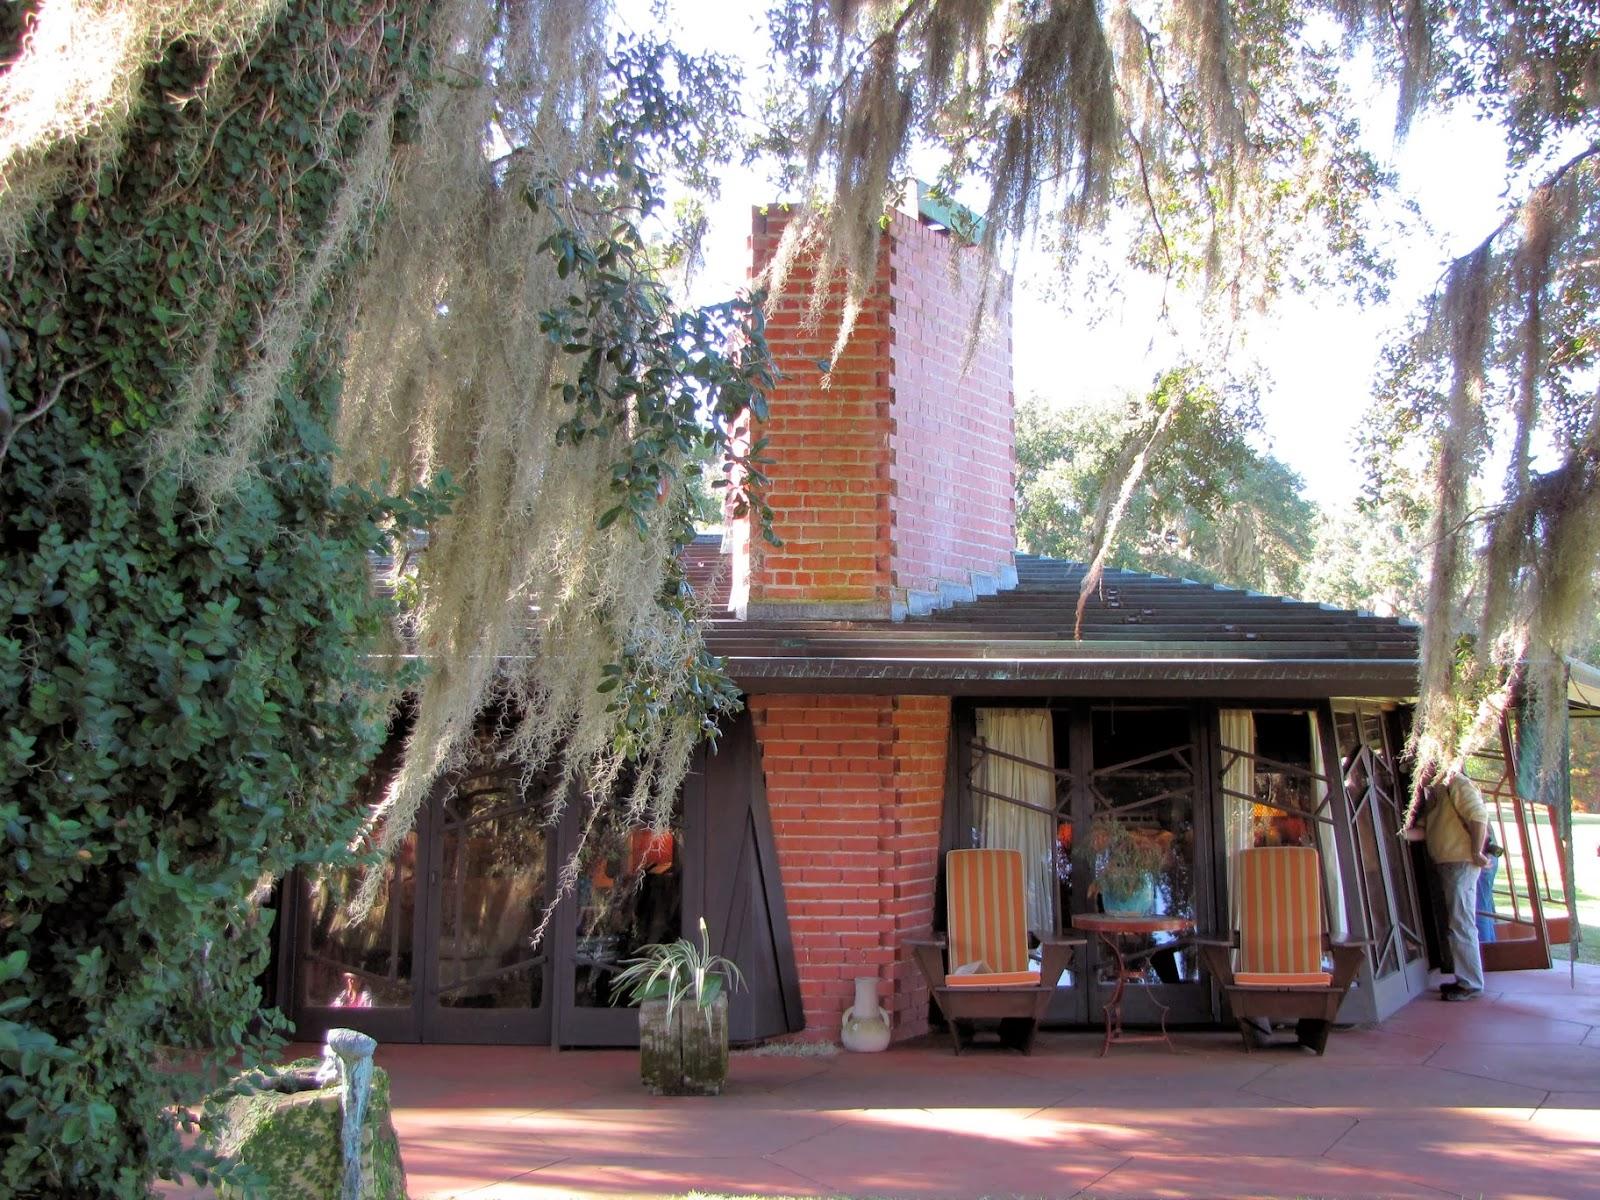 Femme Au Foyer Auldbrass The Frank Lloyd Wright Plantation